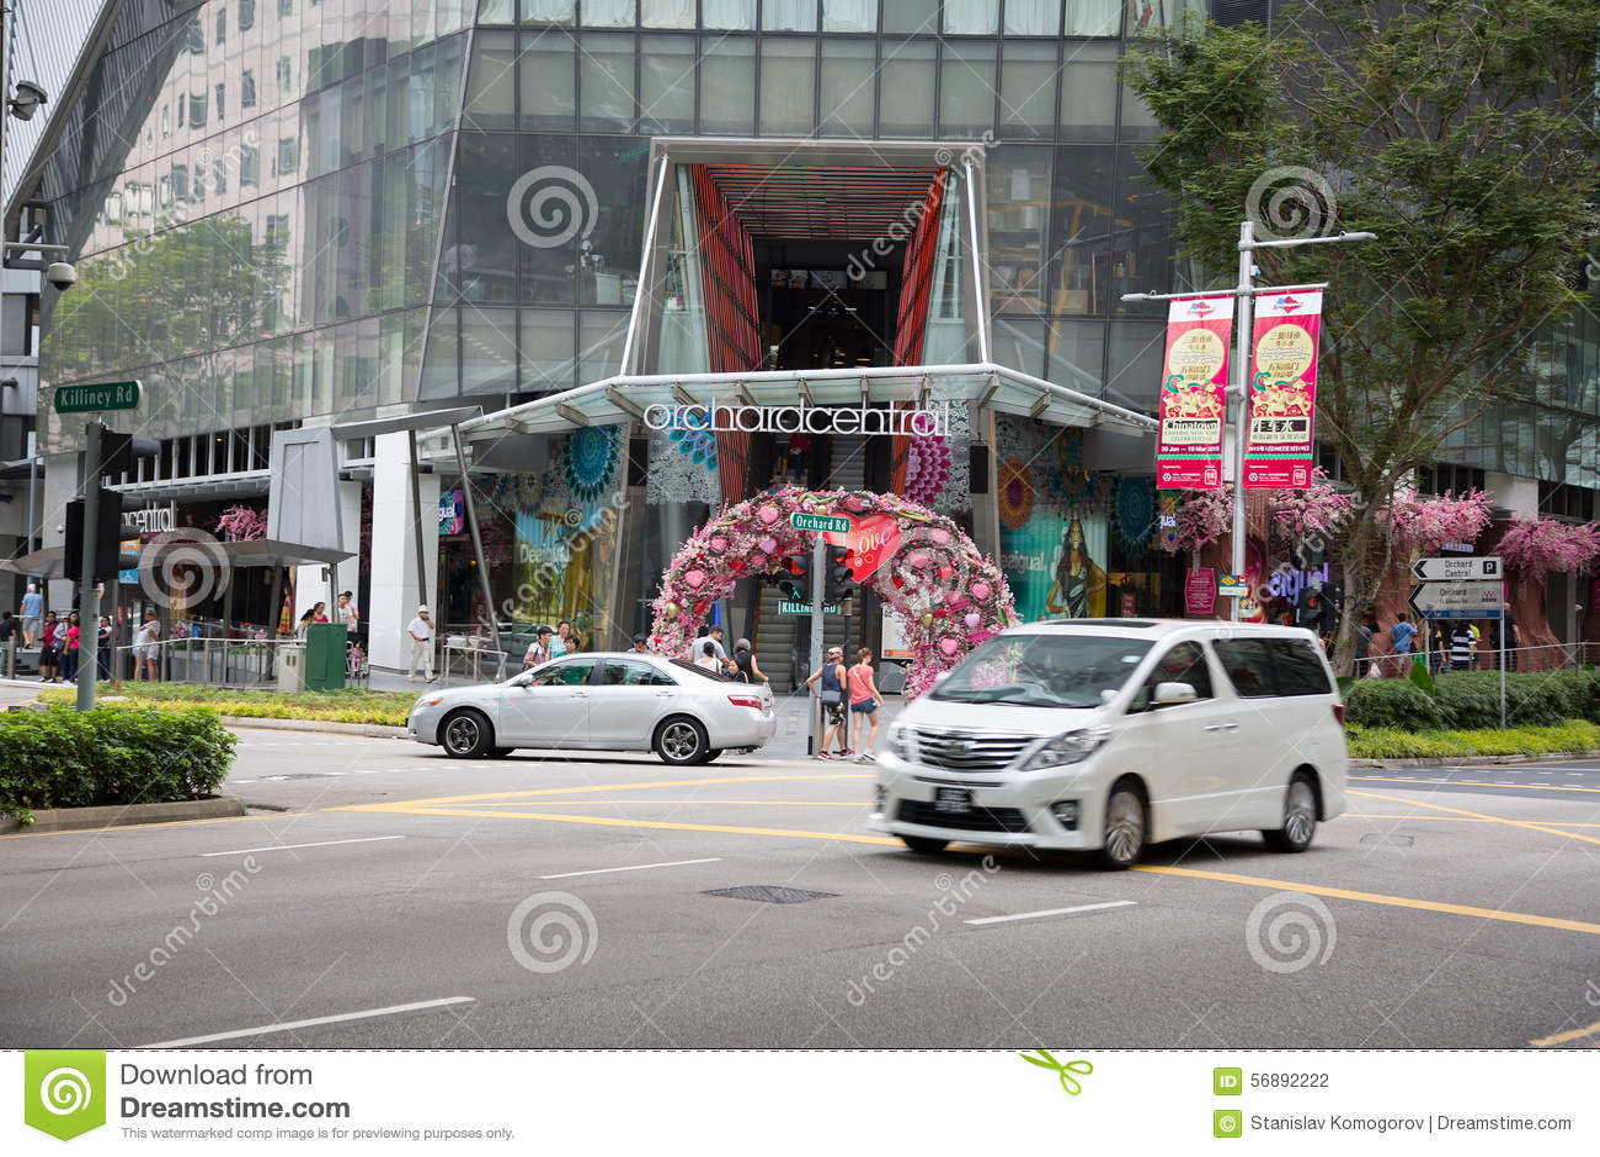 La centrale del frutteto è un centro commerciale, Singapore